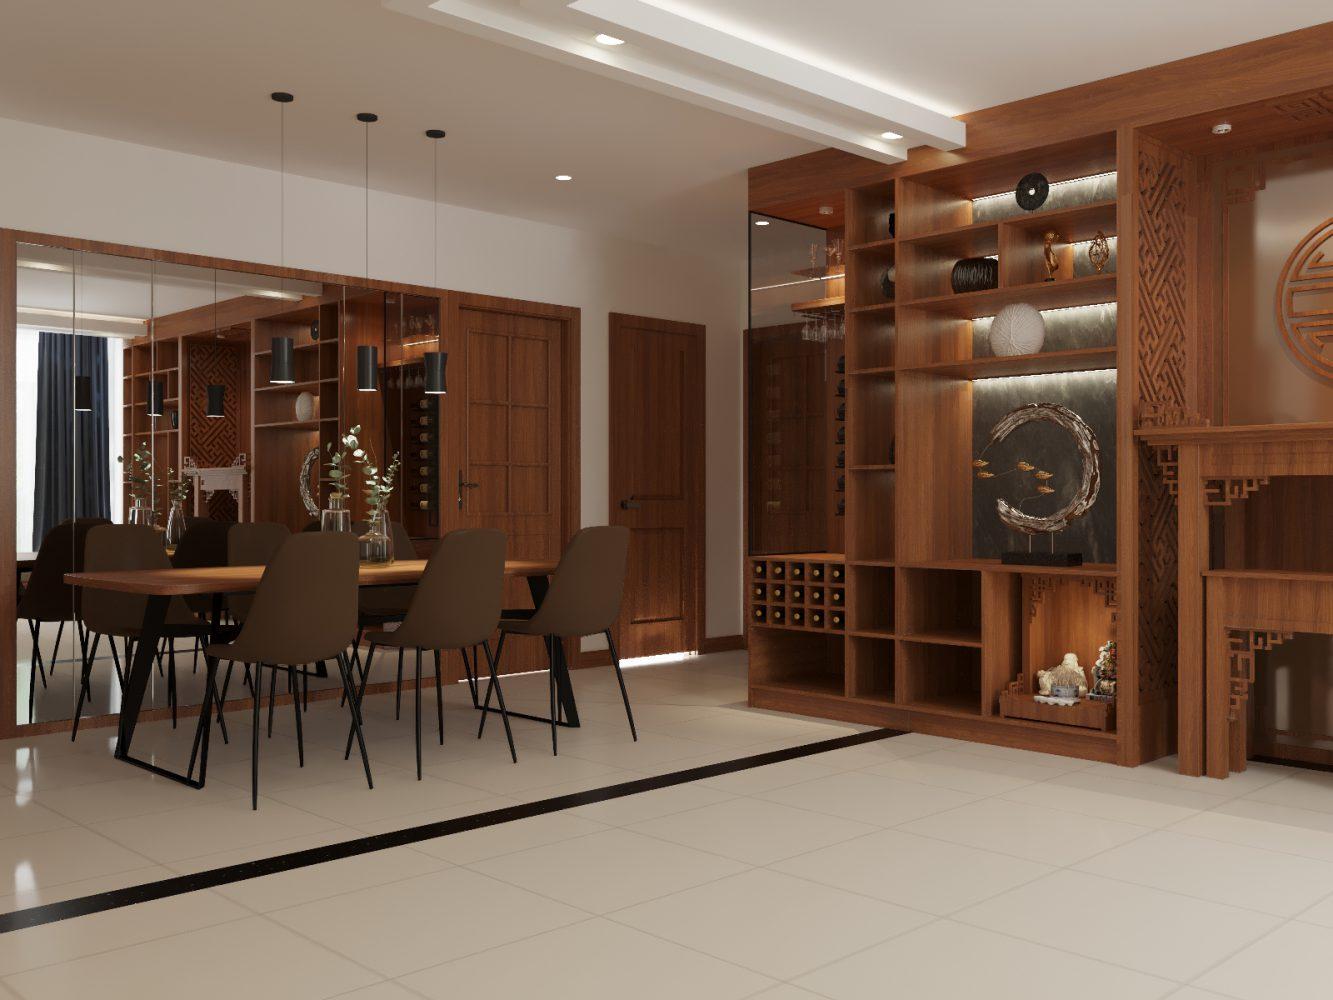 Thiết kế nội thất căn hộ 3 phòng ngủ - 02